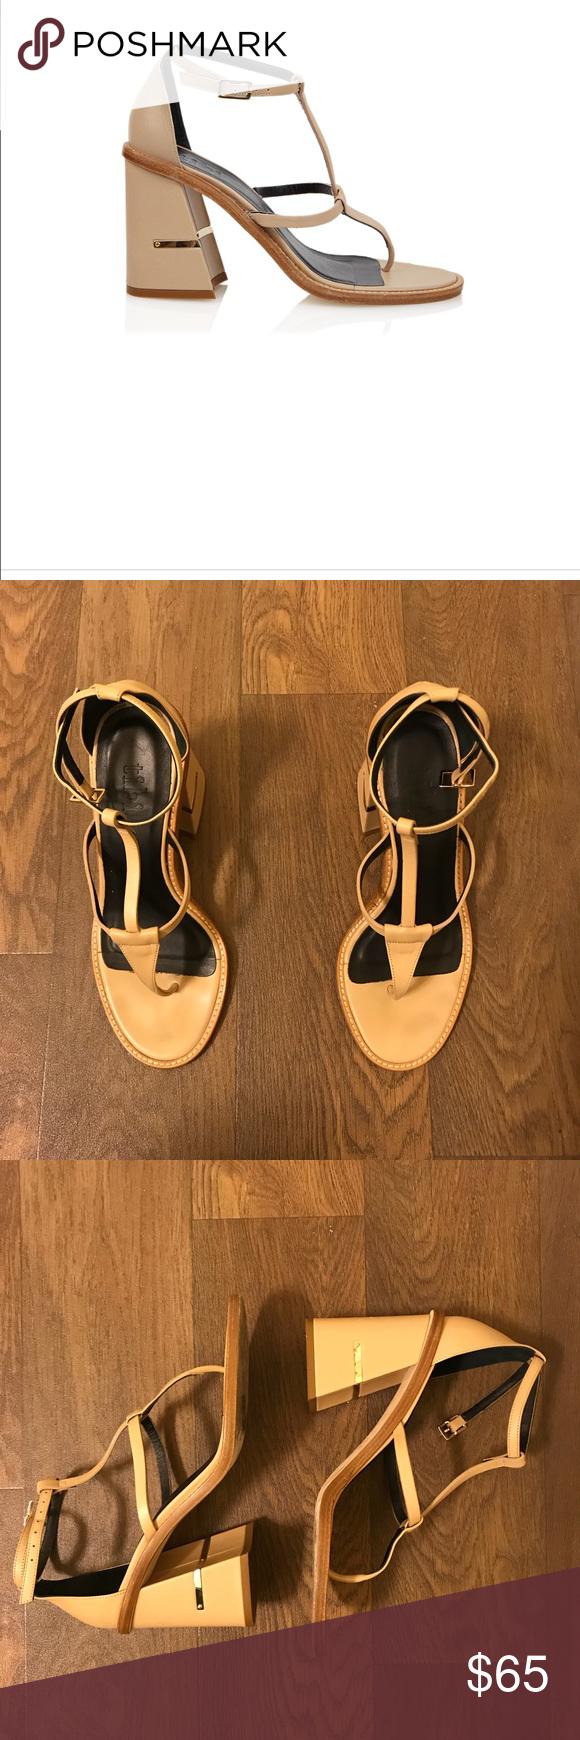 cda265a63058 Tibi Chloe Sandal in Nude 💕 Tibi block sandals in nude